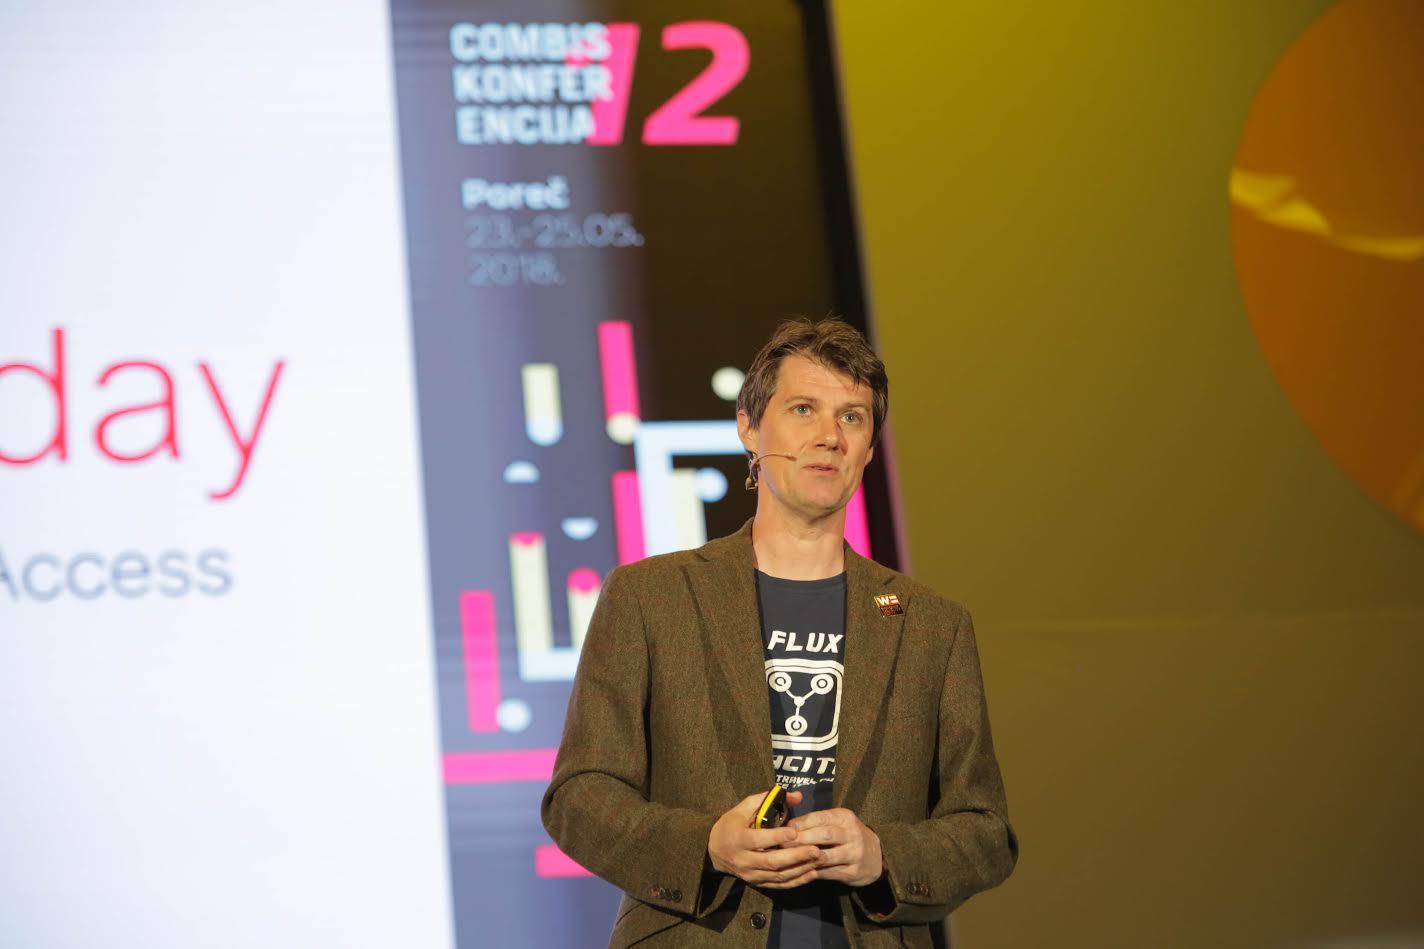 12. Combis konferencija: Kreiranje poslovnih vrijednosti za budućnost